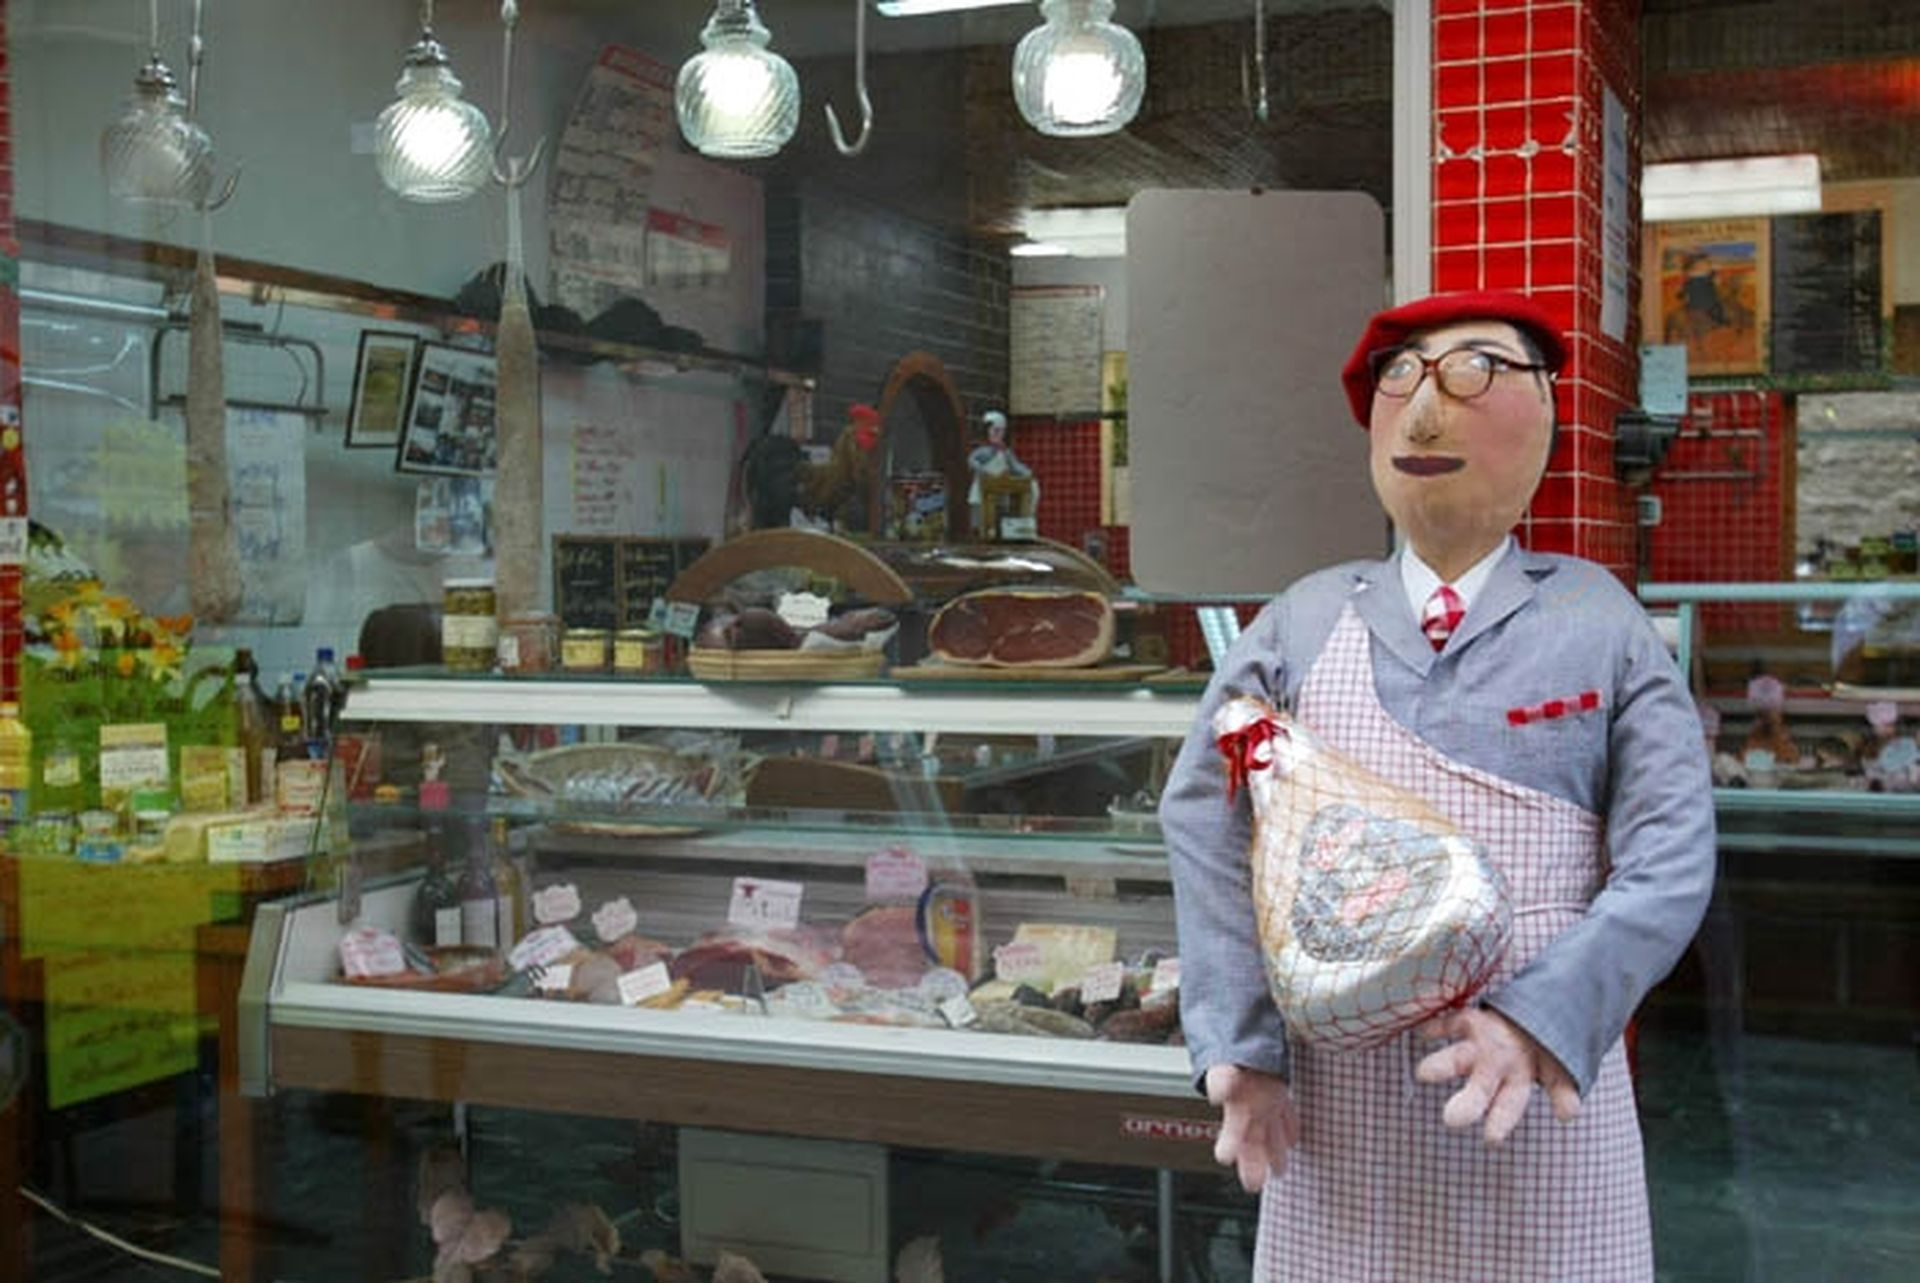 Petetas de Murviel Lès Béziers - Poupée de chiffon à taille humaine représentant un boucher avec tablier et jambon dans les mains devant la boucherie du village